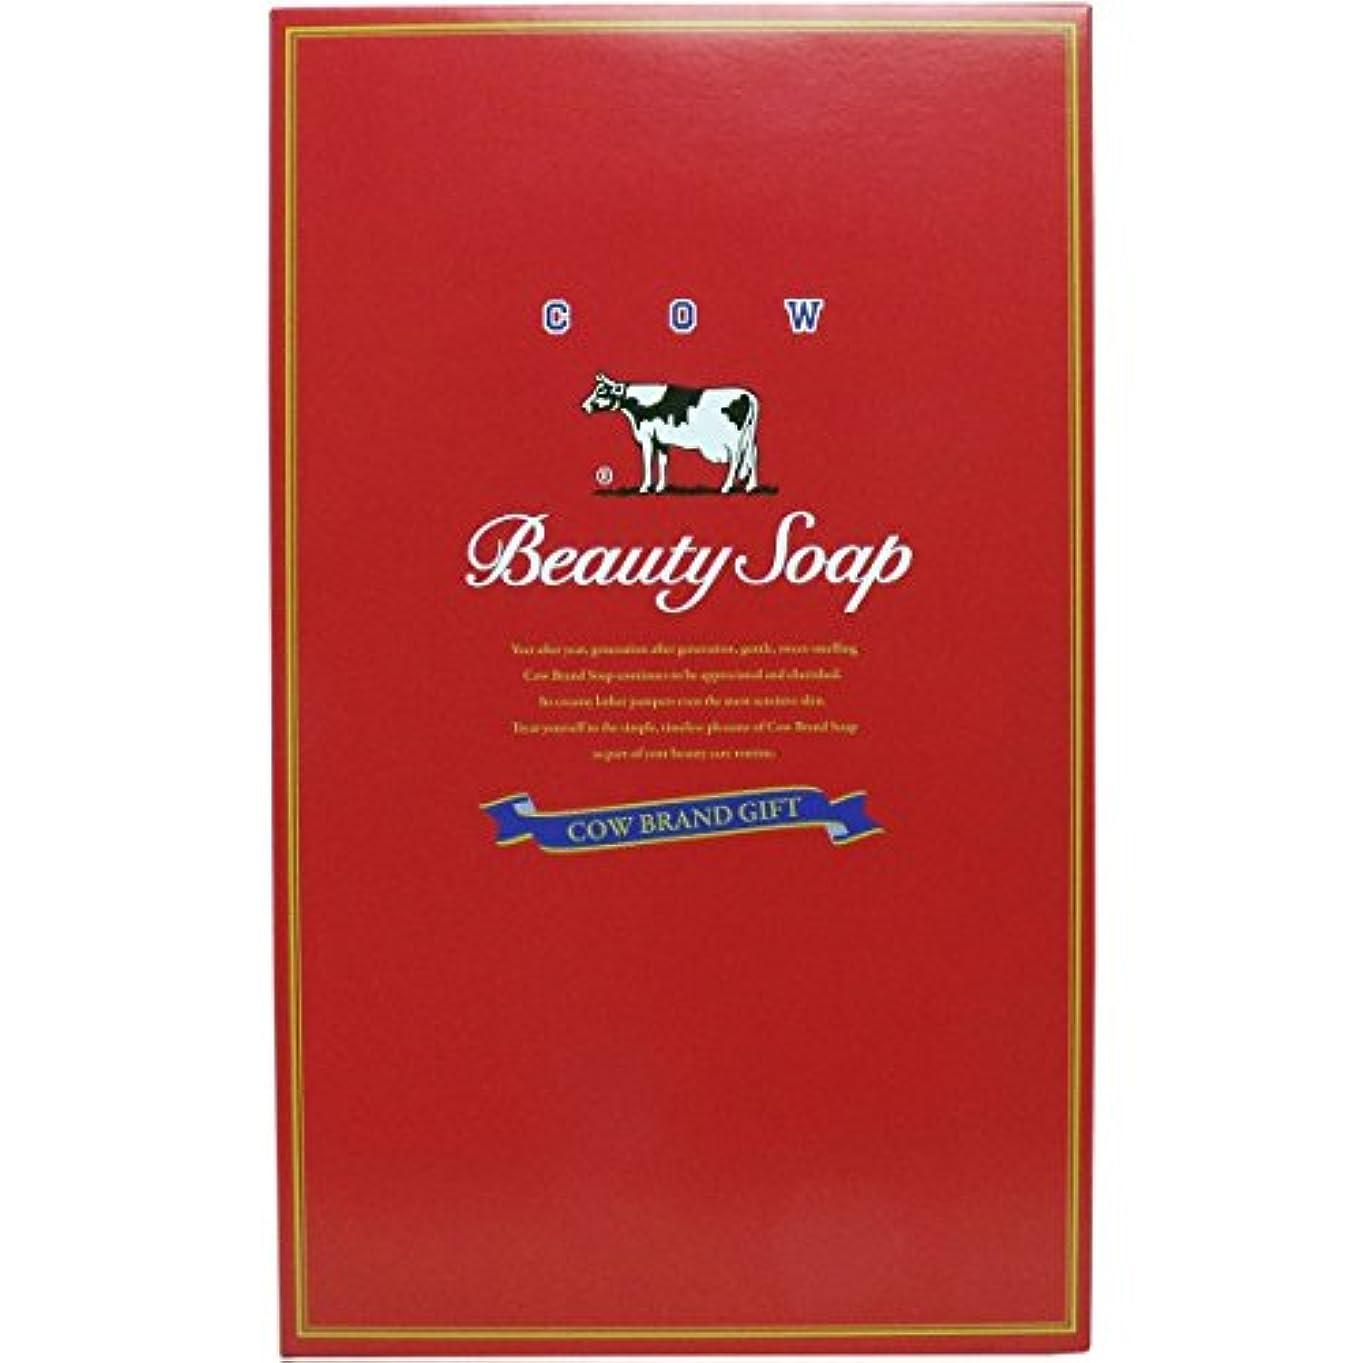 確認するリル動員する牛乳石鹸共進社 カウブランド石鹸 赤箱 100g×10個×3箱